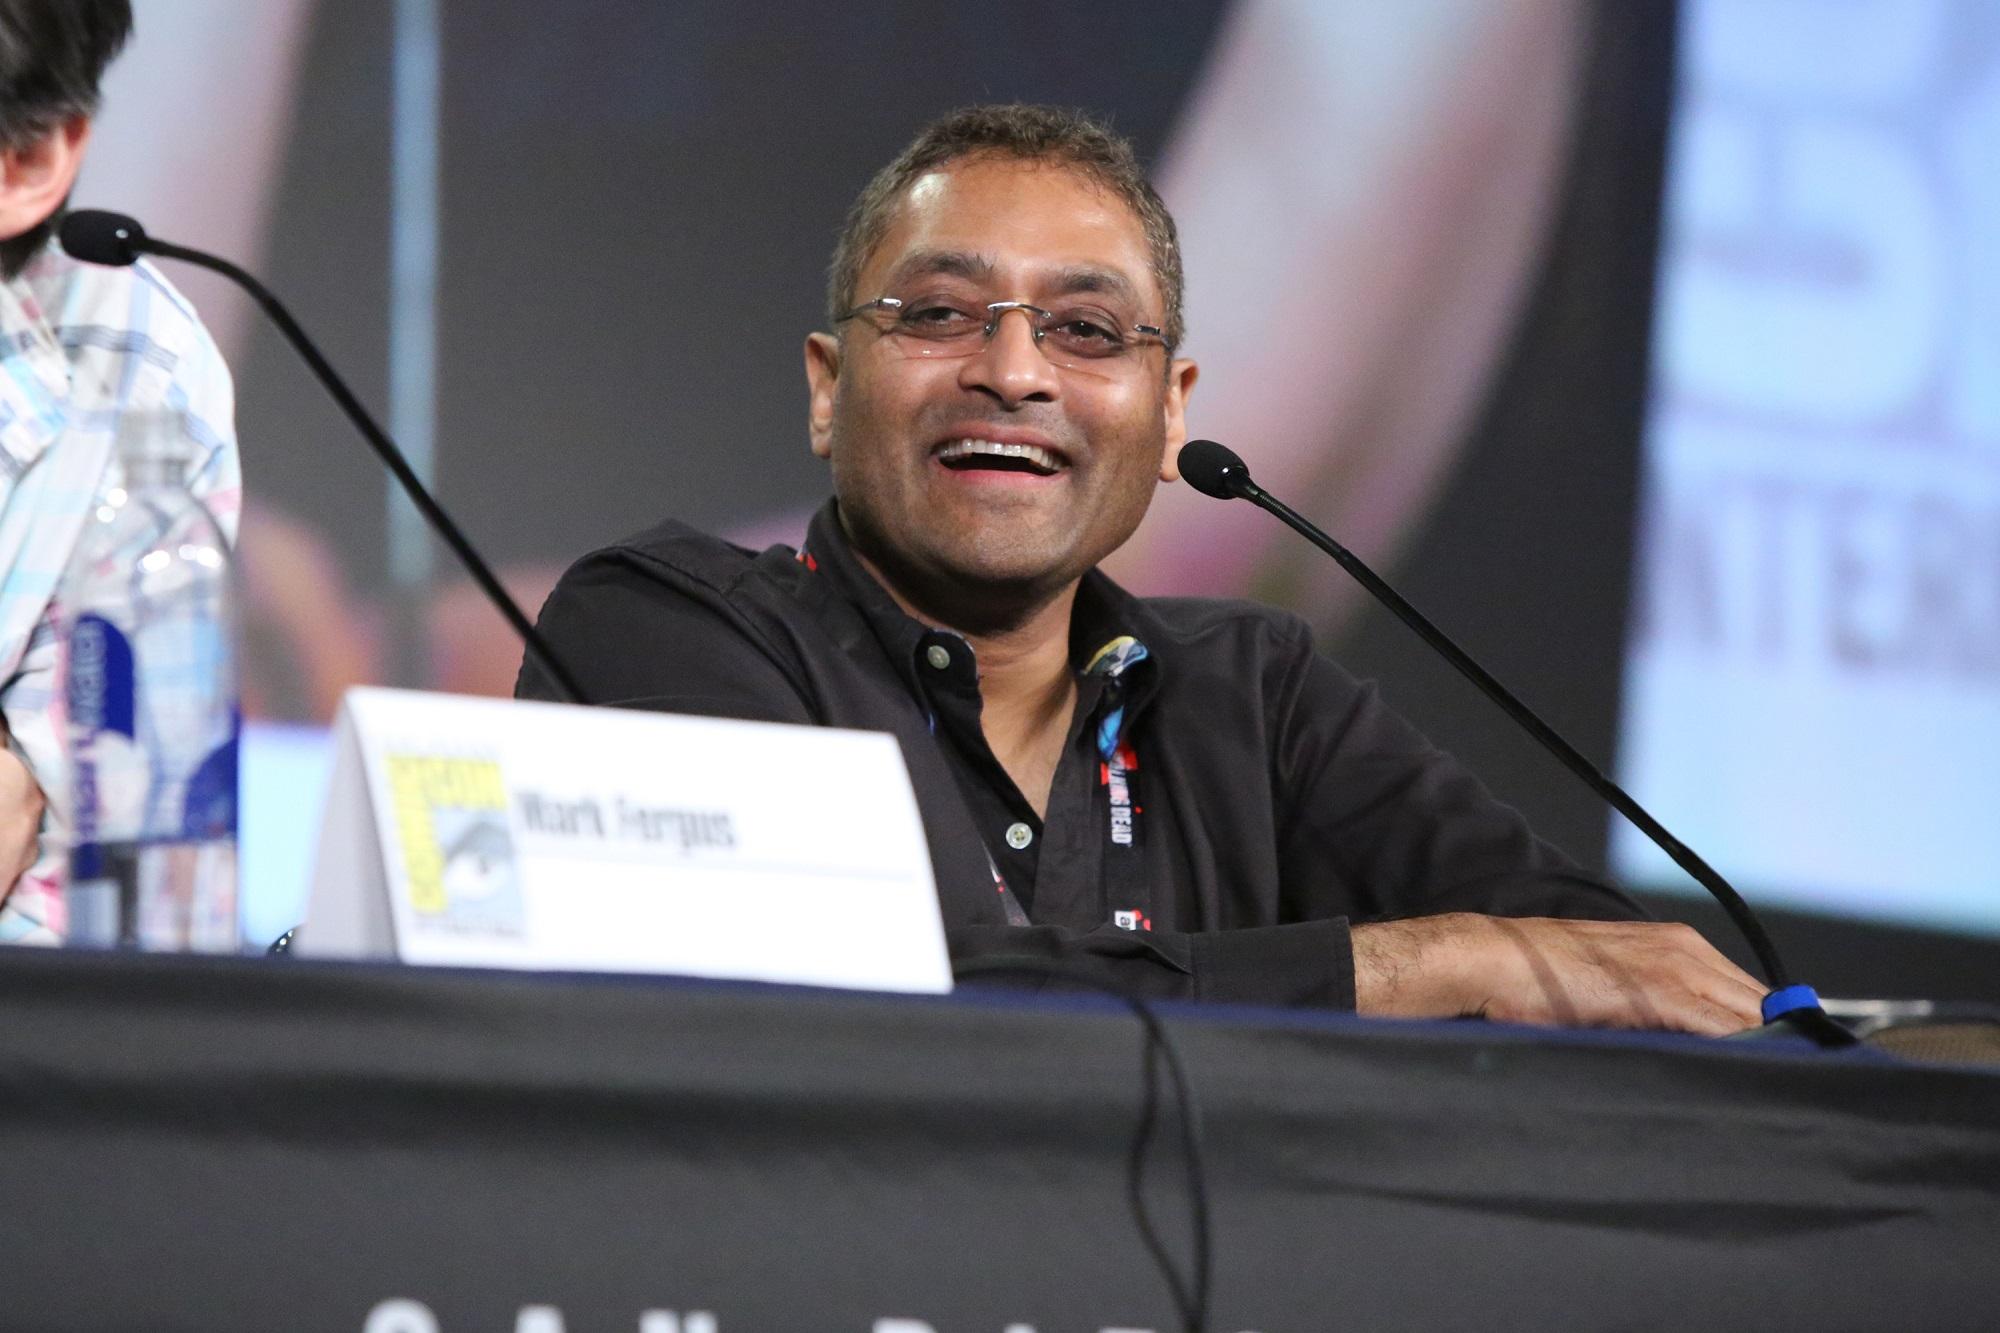 Naren Shankar, showrunner of The Expanse